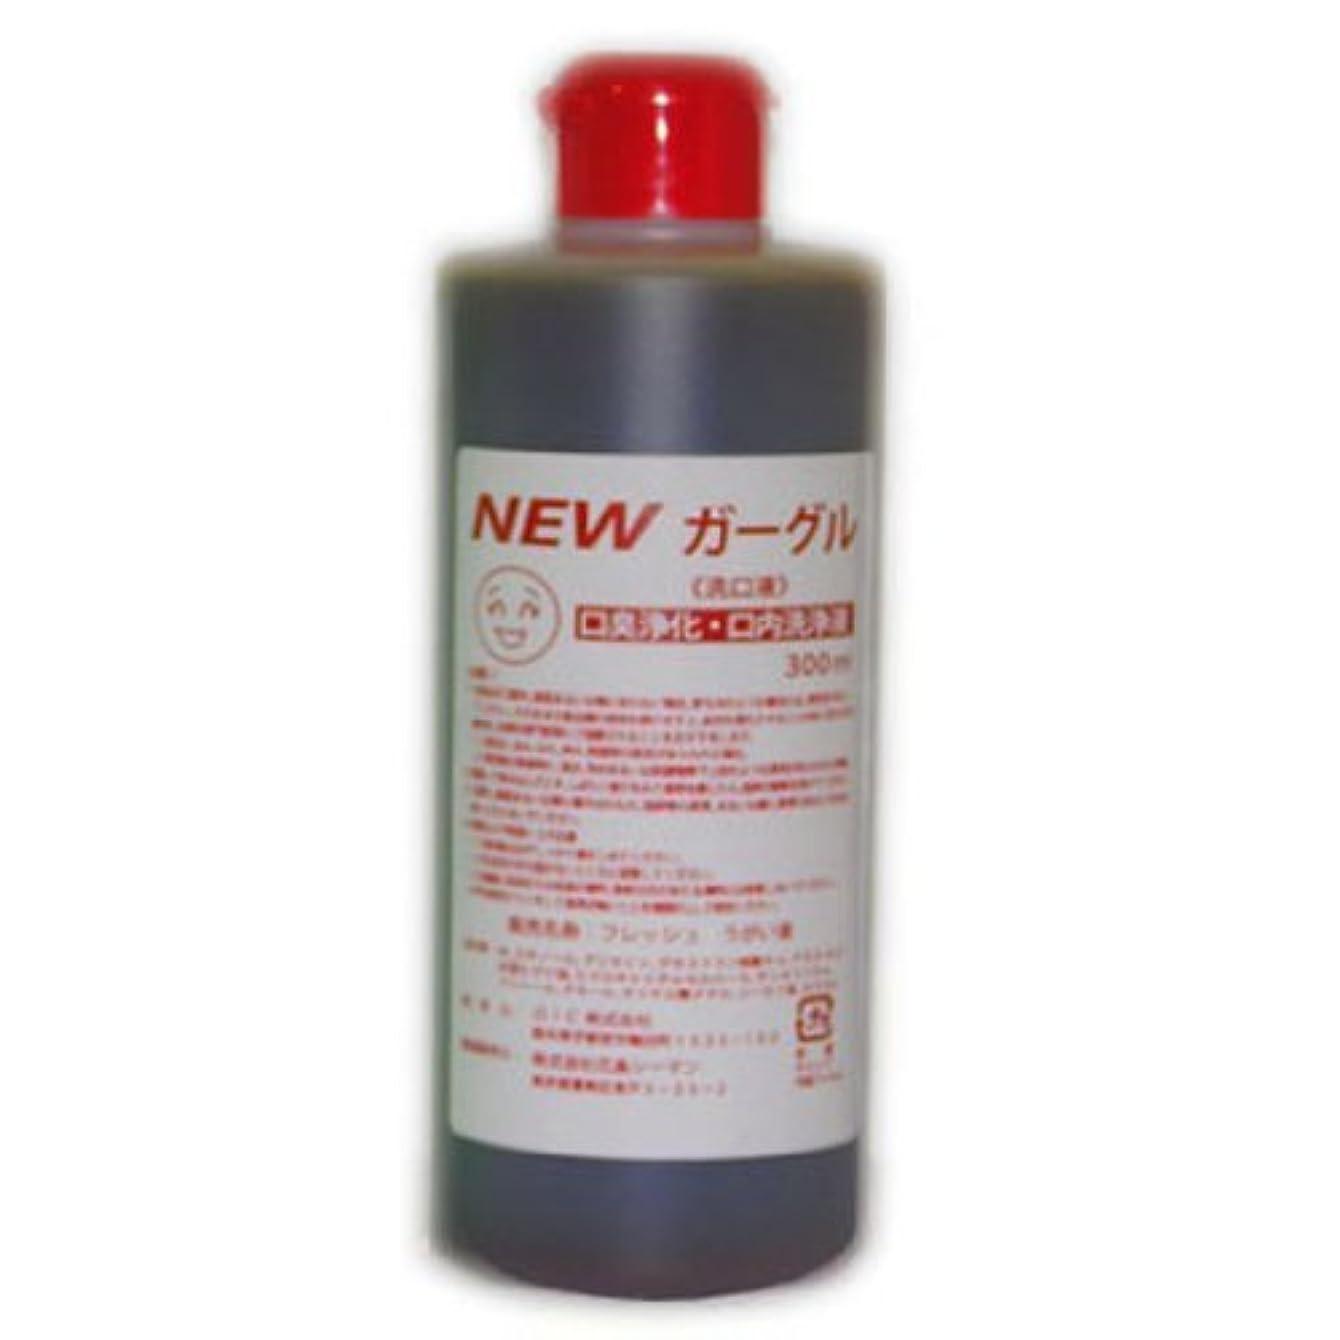 危険を冒します活力味わうフレッシュうがい液 マウスウォッシュ NEWガーグル 300ml 25倍濃縮お得タイプ(セット商品) (ブラウン10本セット)